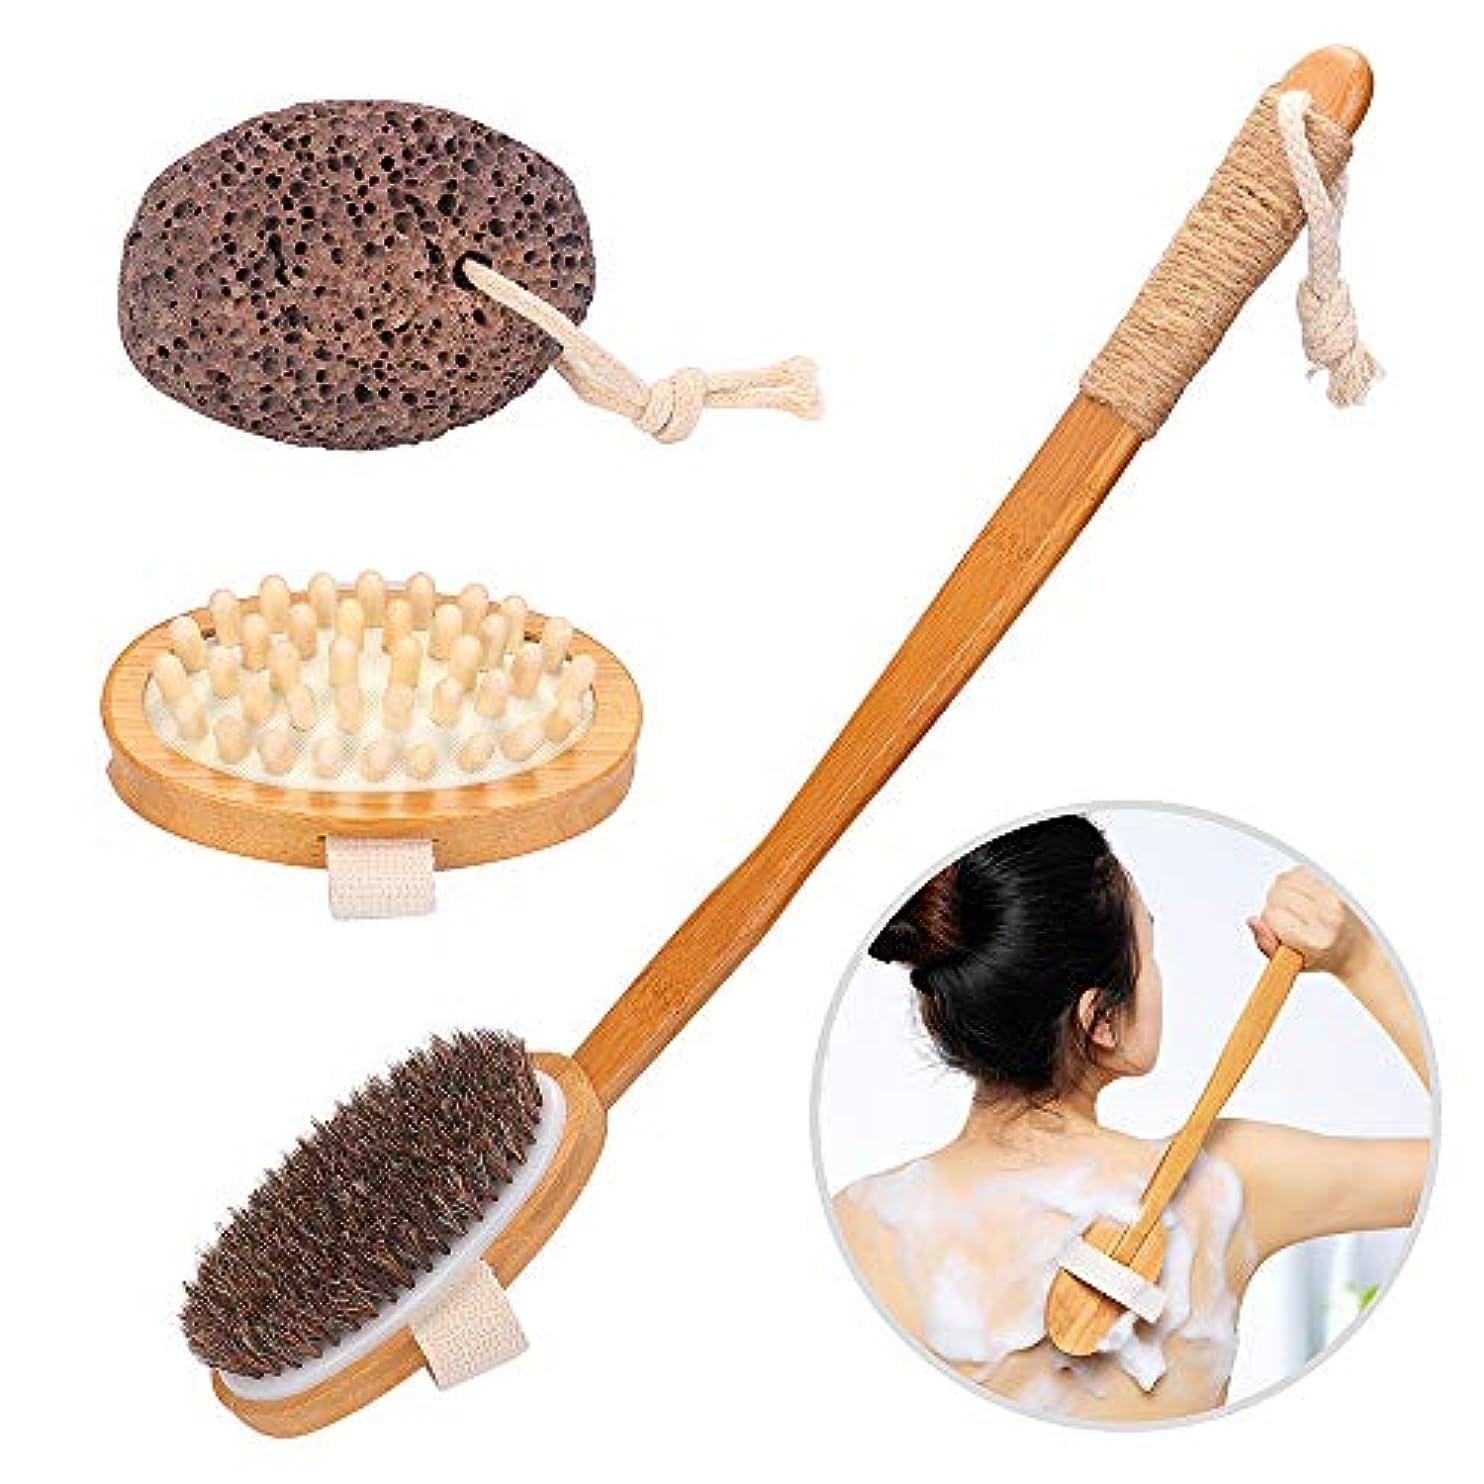 ポンドアレルギー性袋CGboom ボディブラシ 天然馬毛 背中ブラシ 血行促進 角質除去 ボディケアセット 竹製長柄 お風呂用